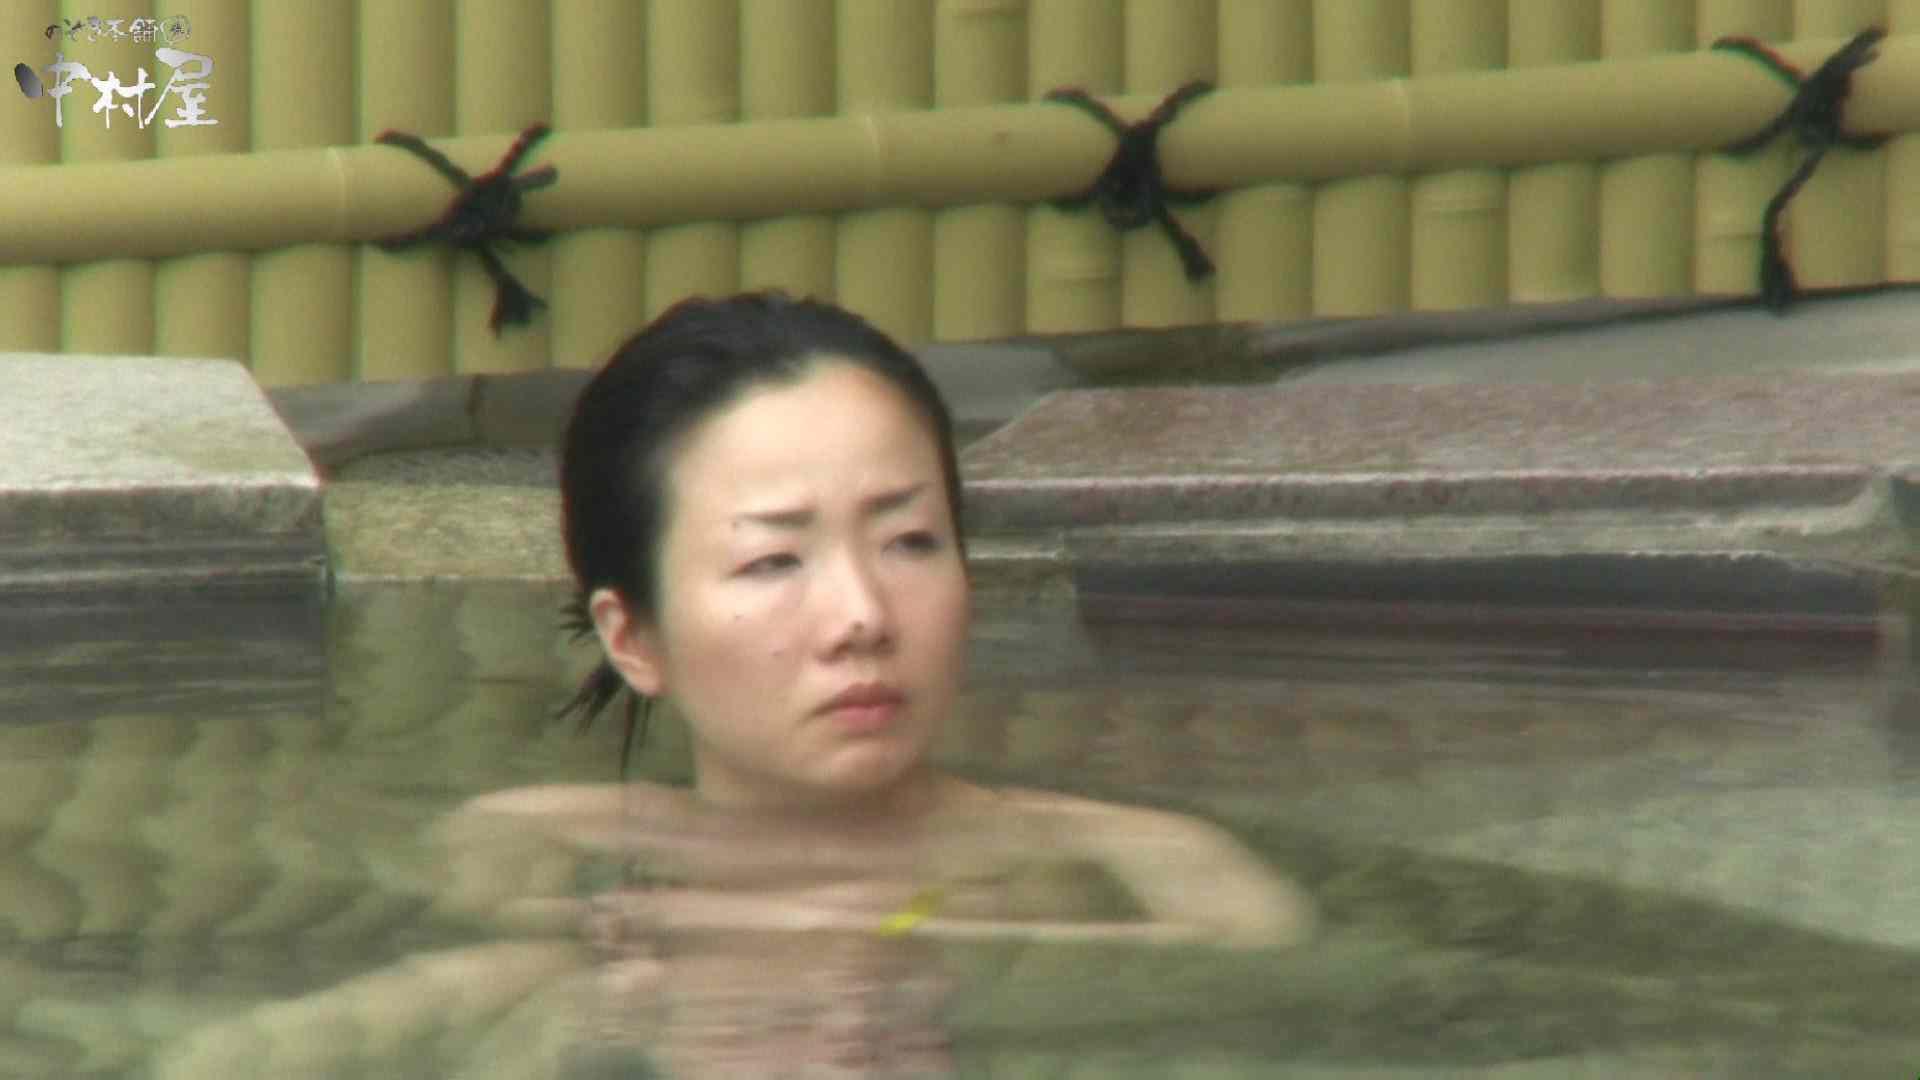 Aquaな露天風呂Vol.950 OLのエロ生活 覗きおまんこ画像 107連発 35